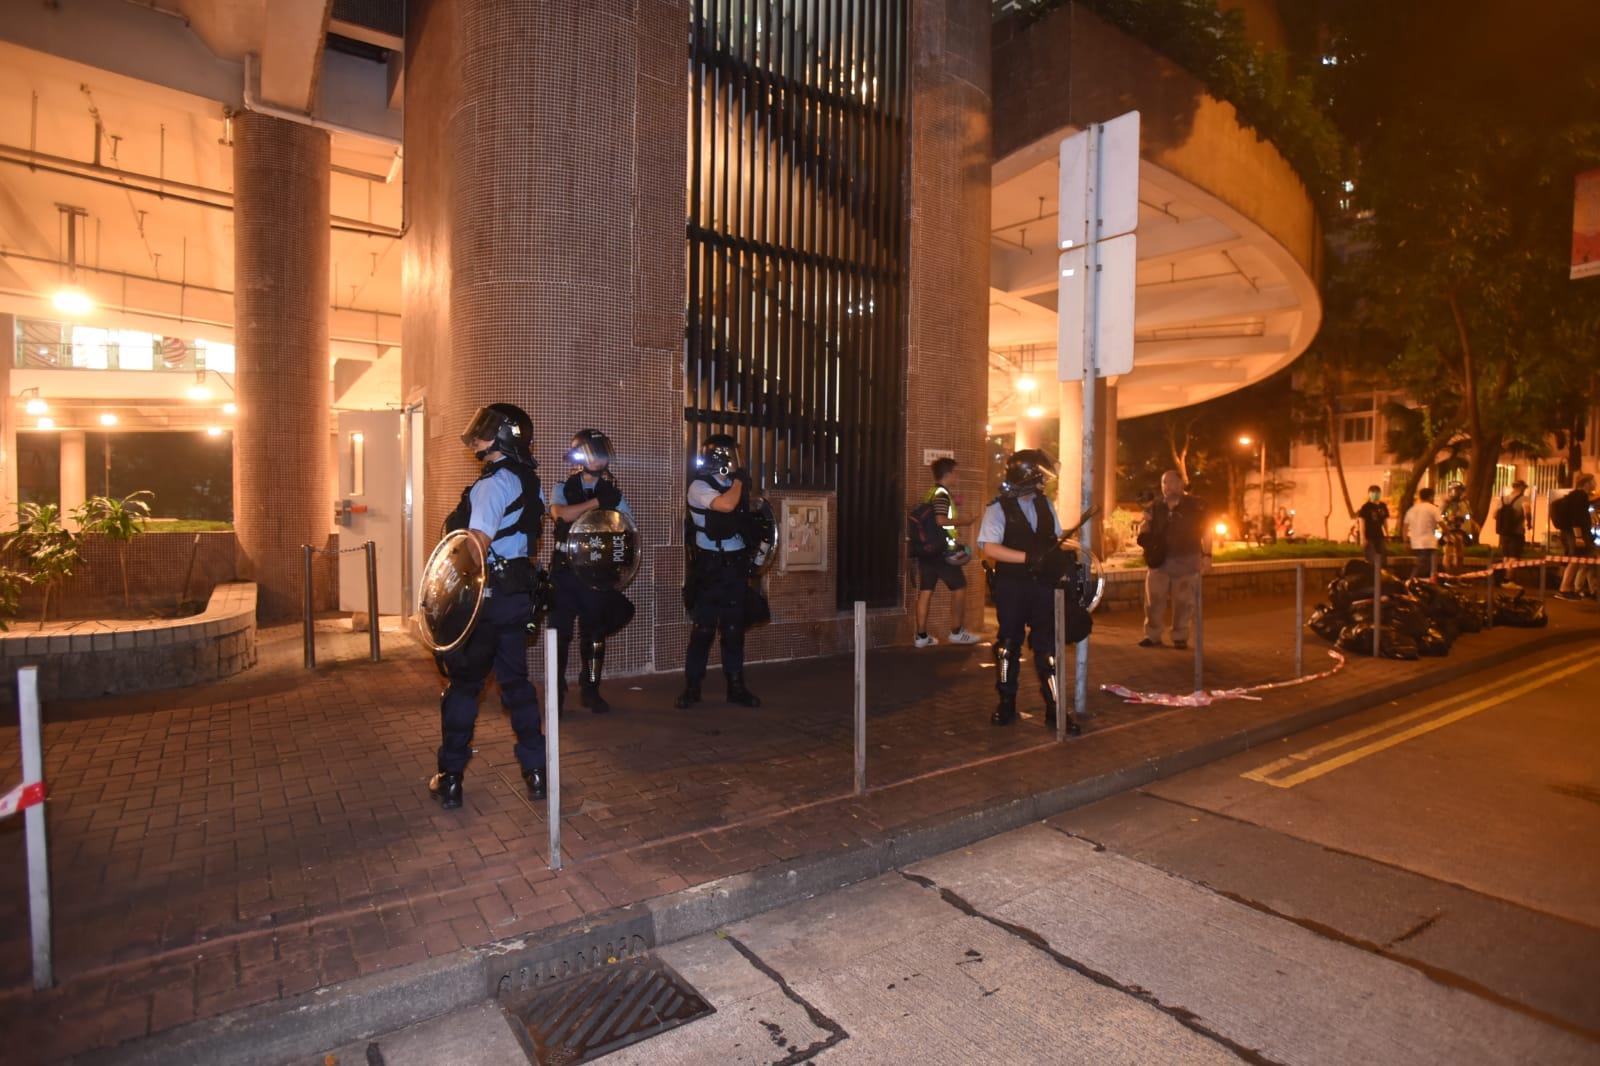 黃大仙防暴警察驅散人群